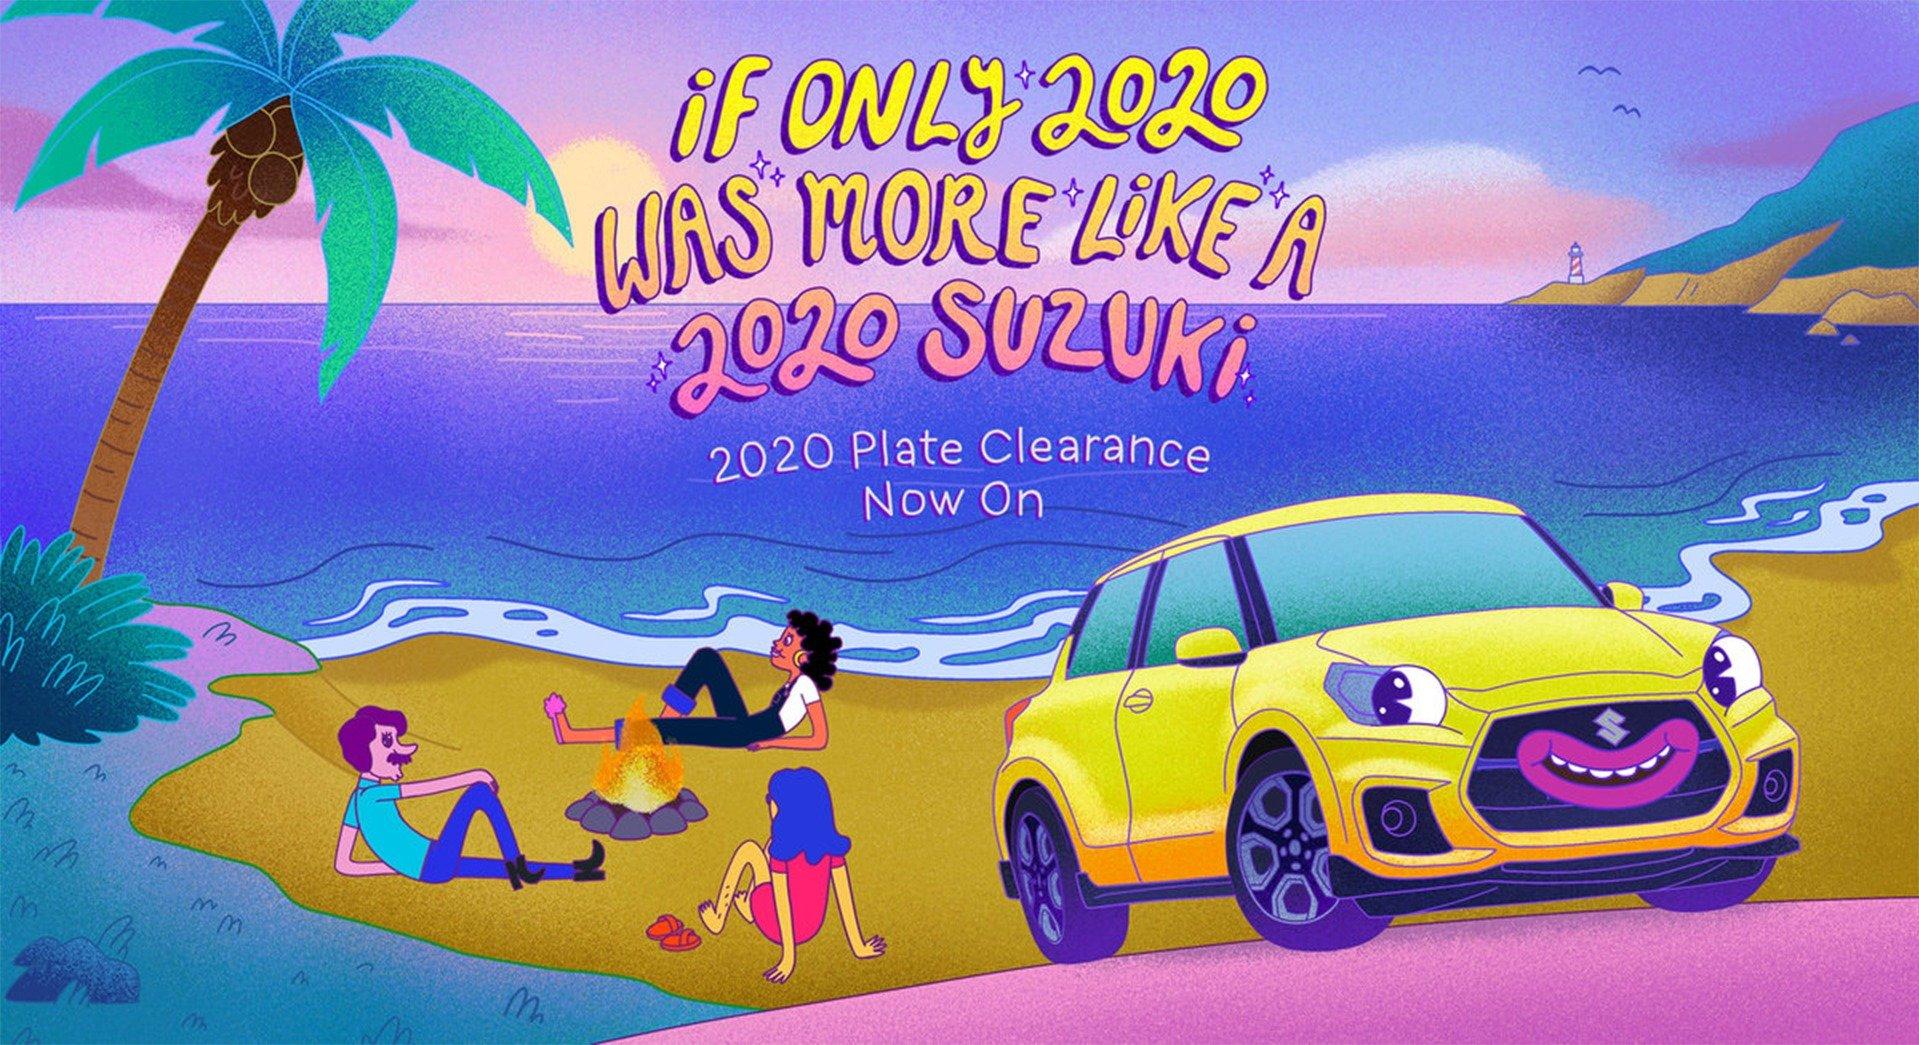 suzuki-mandurah-2020-plate-clearance